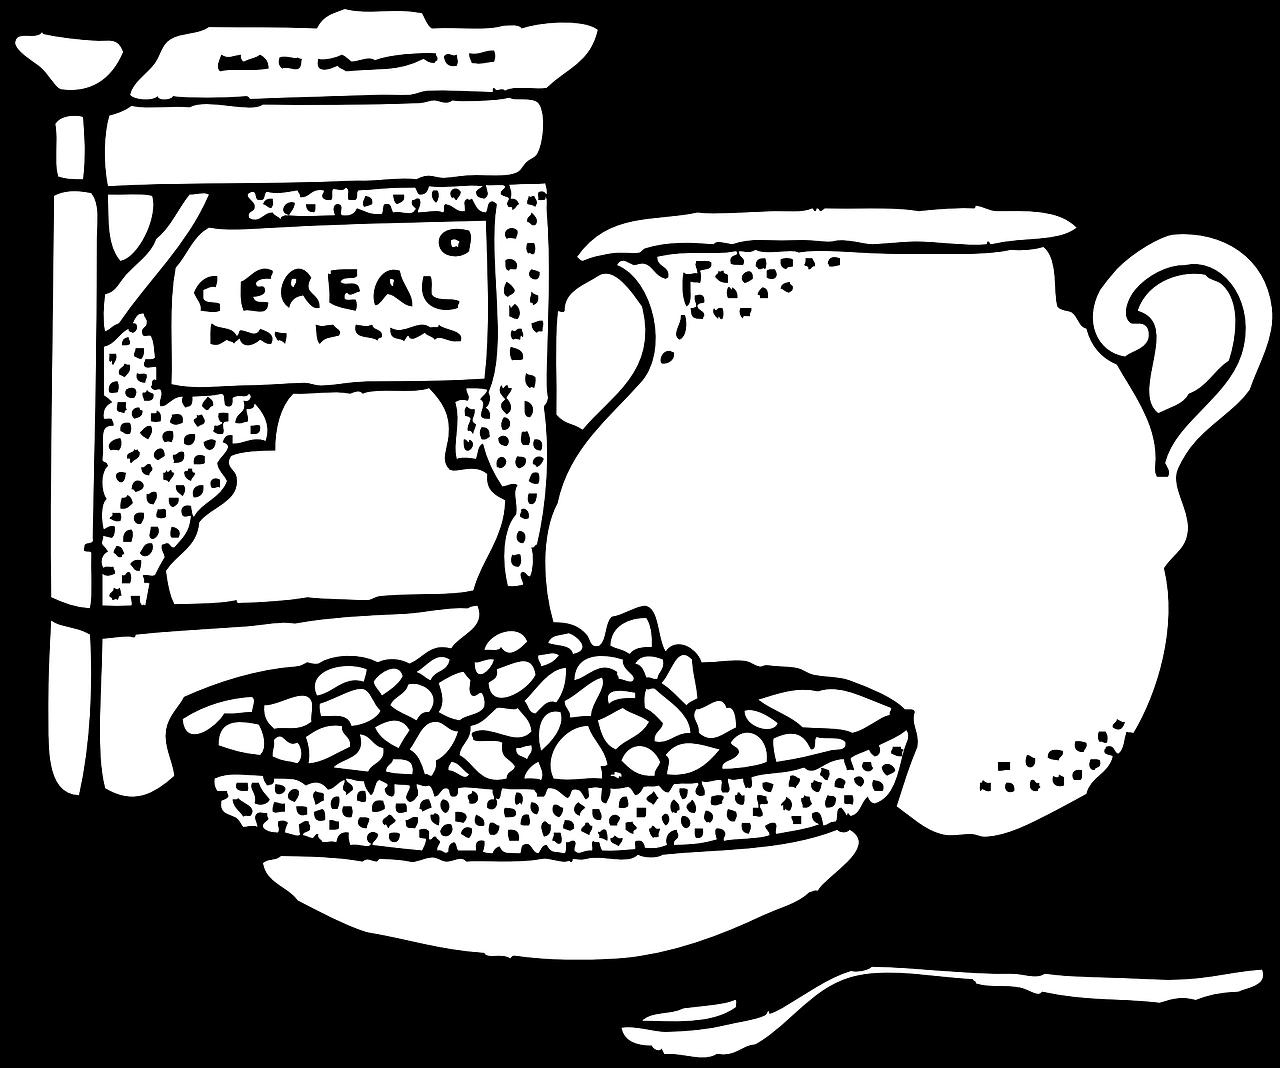 svg freeuse download Cereal bowl transparent image. Milk clipart breakfast.